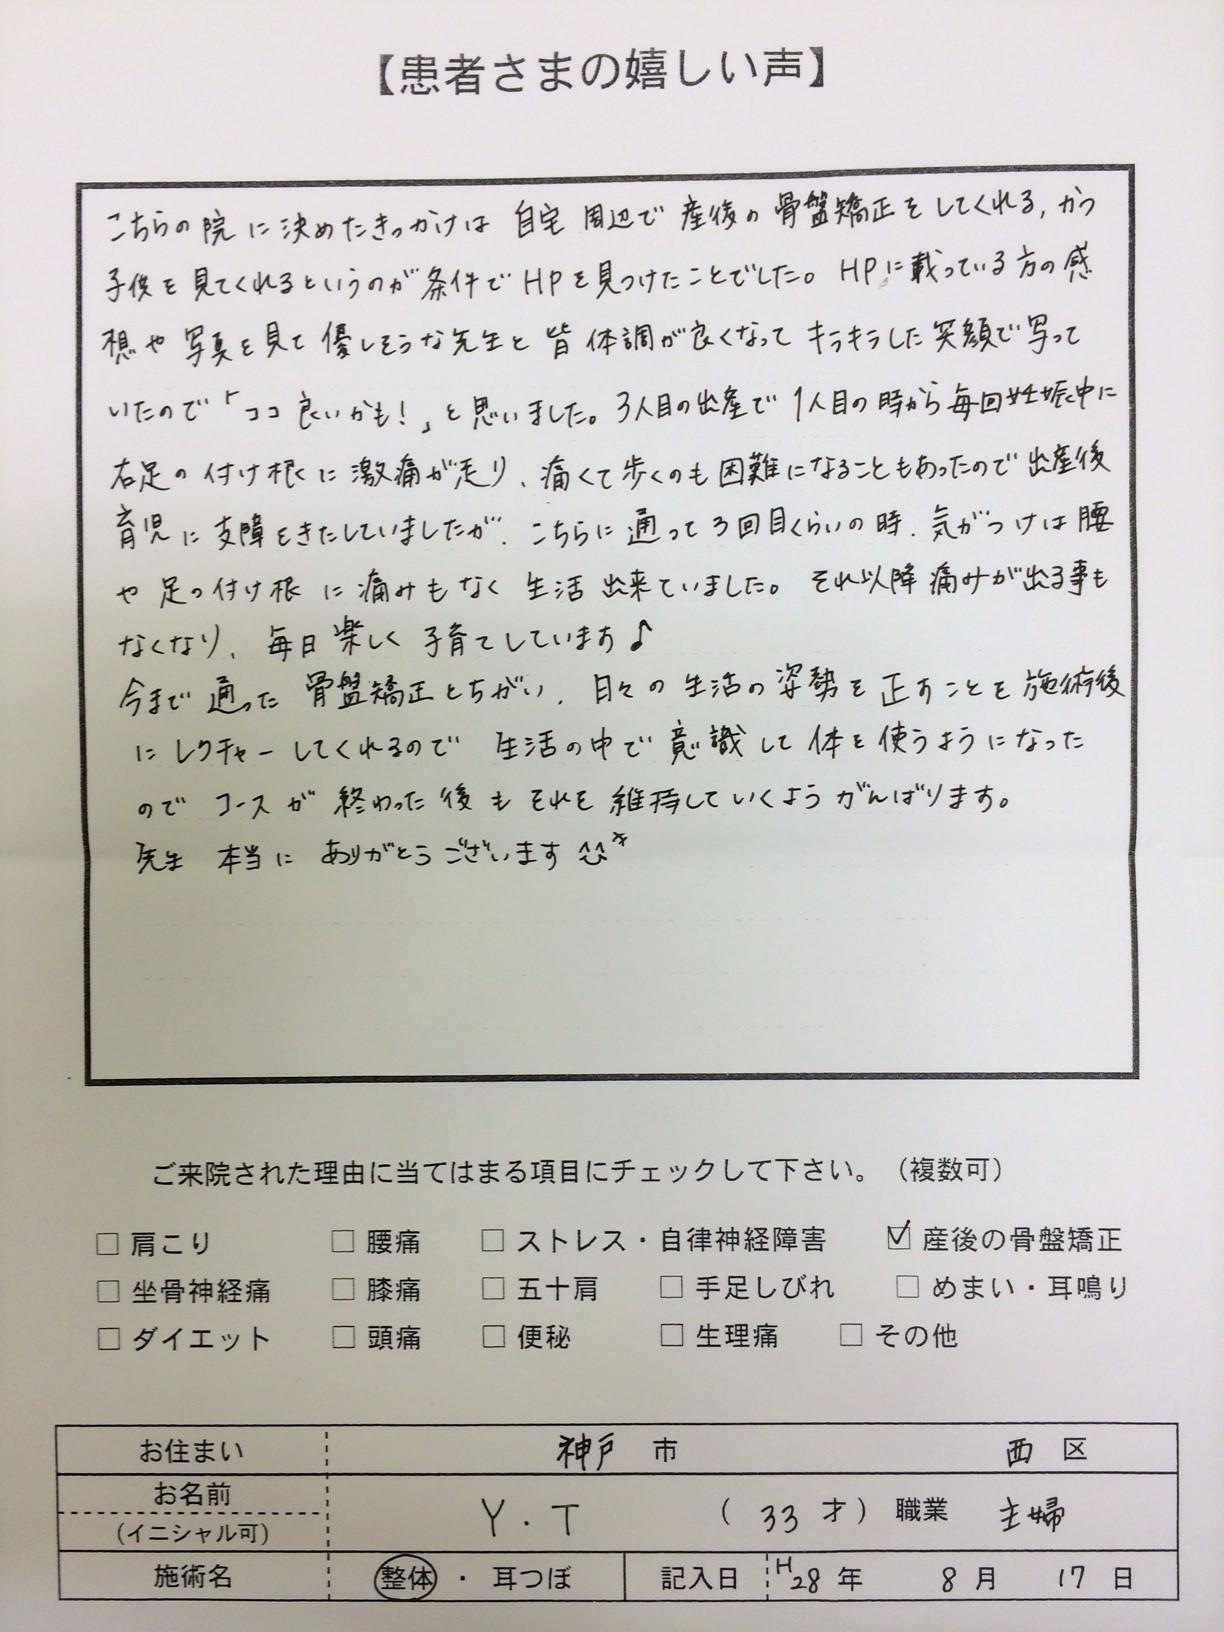 ⑭神戸市西区伊川谷町 Y.T様 33才 主婦.jpg